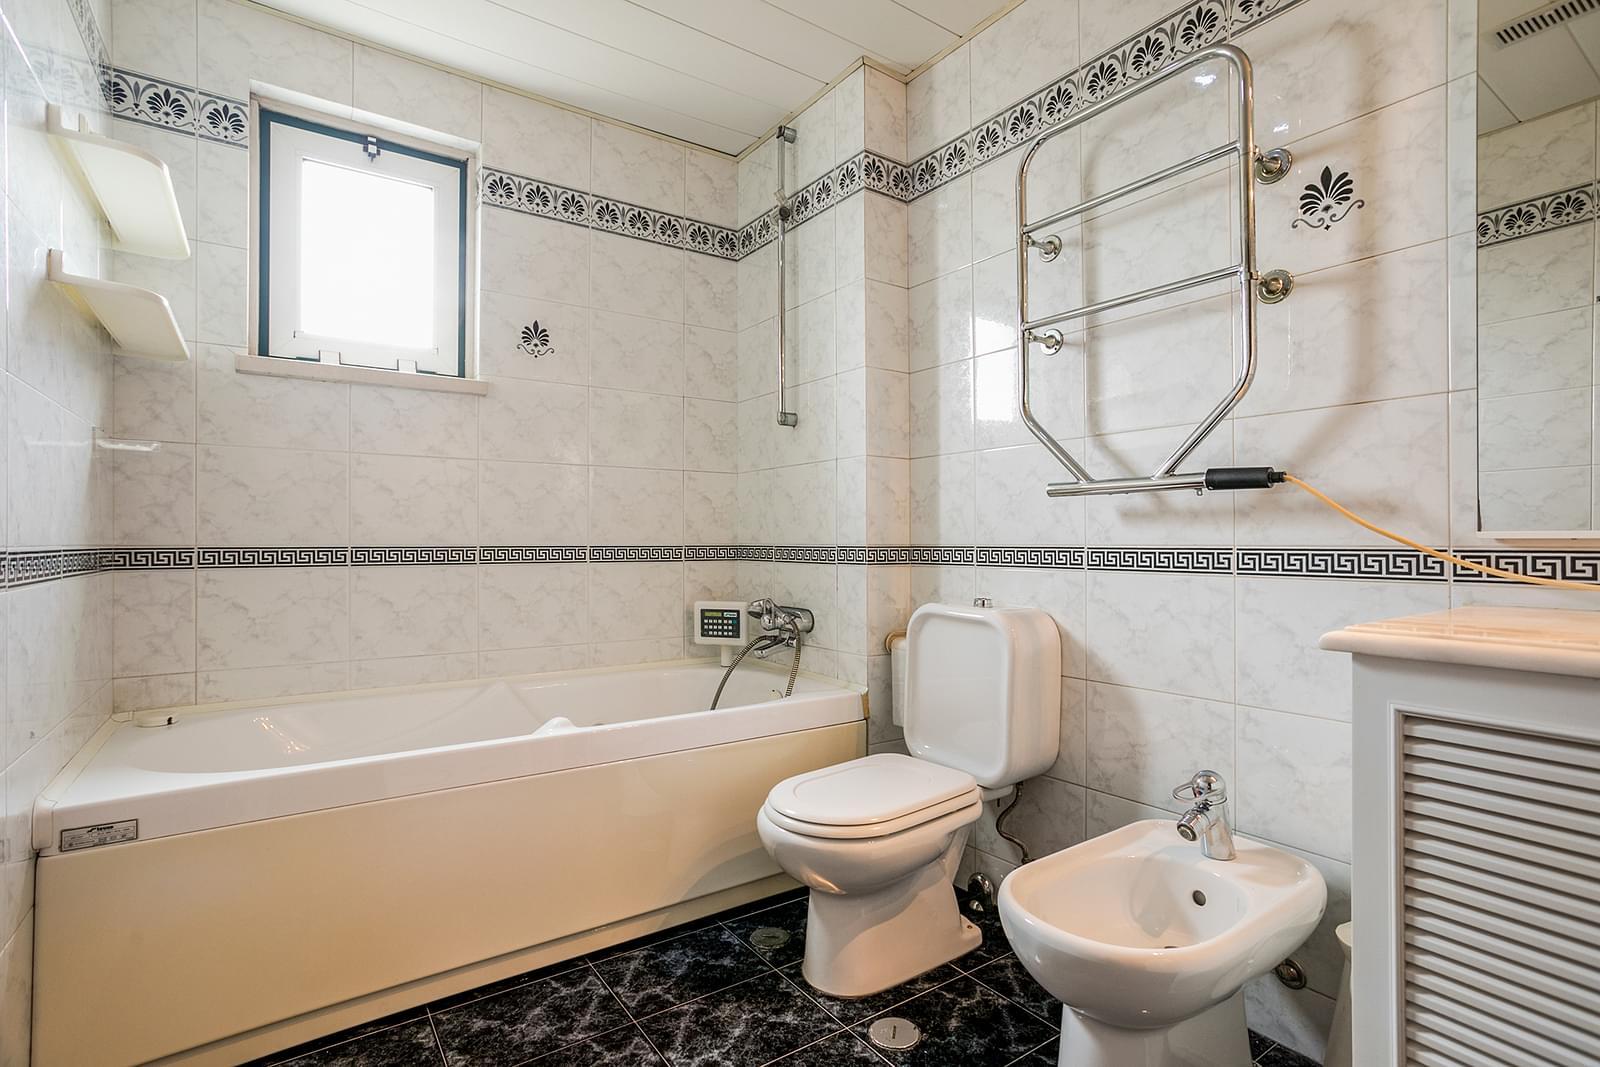 pf17352-apartamento-t3-lisboa-8b2966bb-290c-4a83-a603-6ac746fb701a